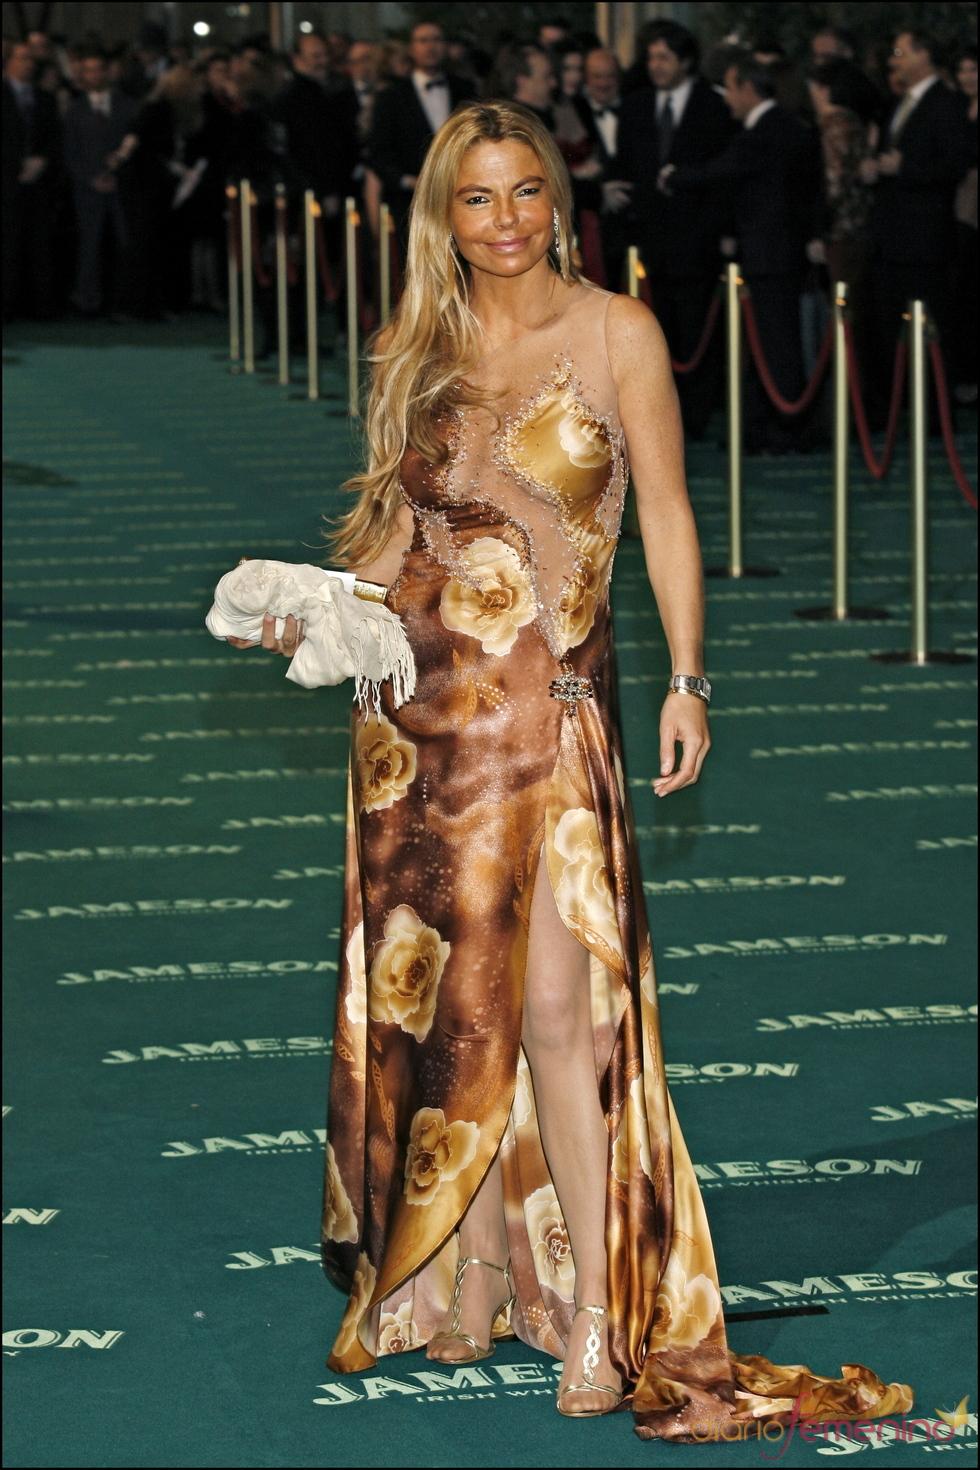 Leticia Sabater en los premios Goya 2008